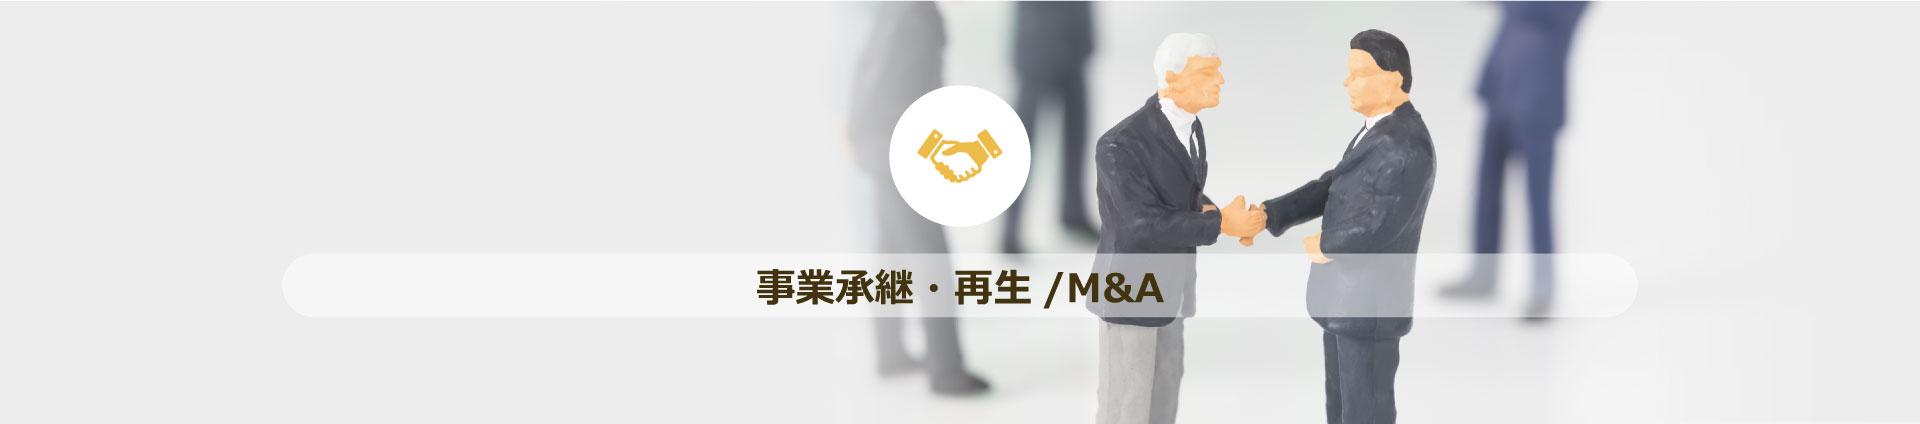 事業承継・再生/M&A